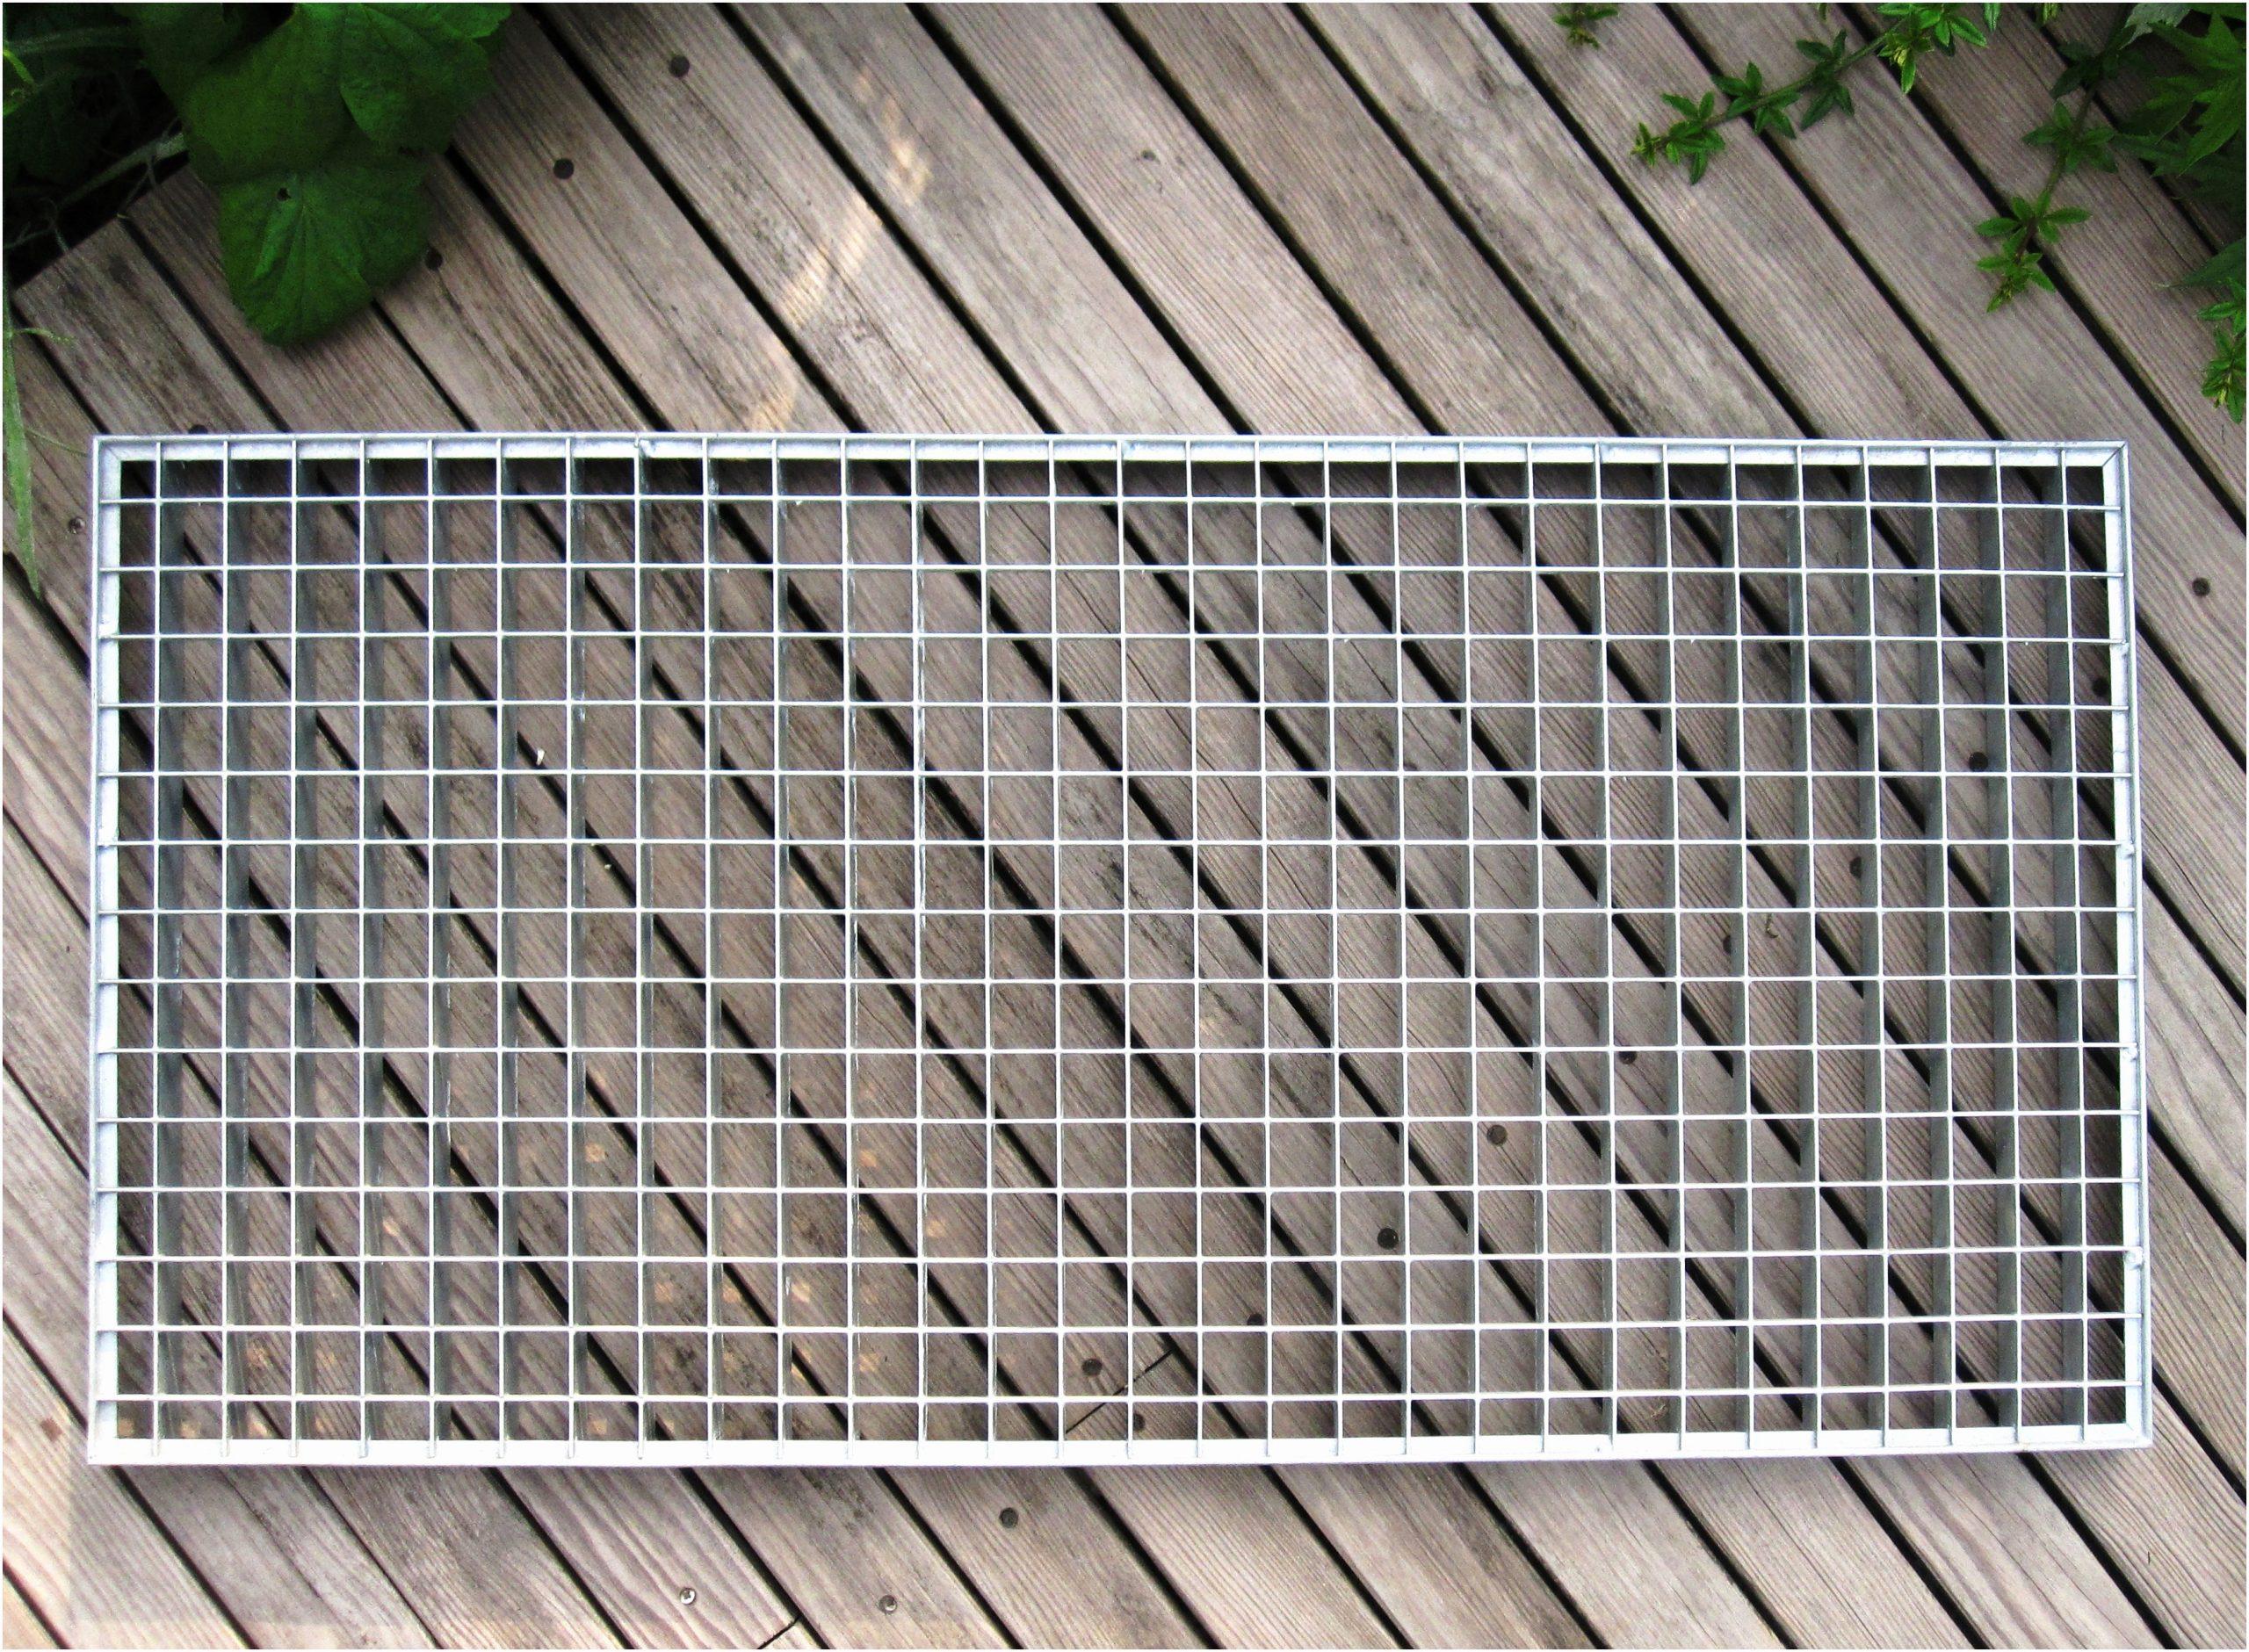 Mur De Cloture En Gabion Charmant Mur En Gabion Brico Depot ... tout Incinérateur De Jardin Brico Depot